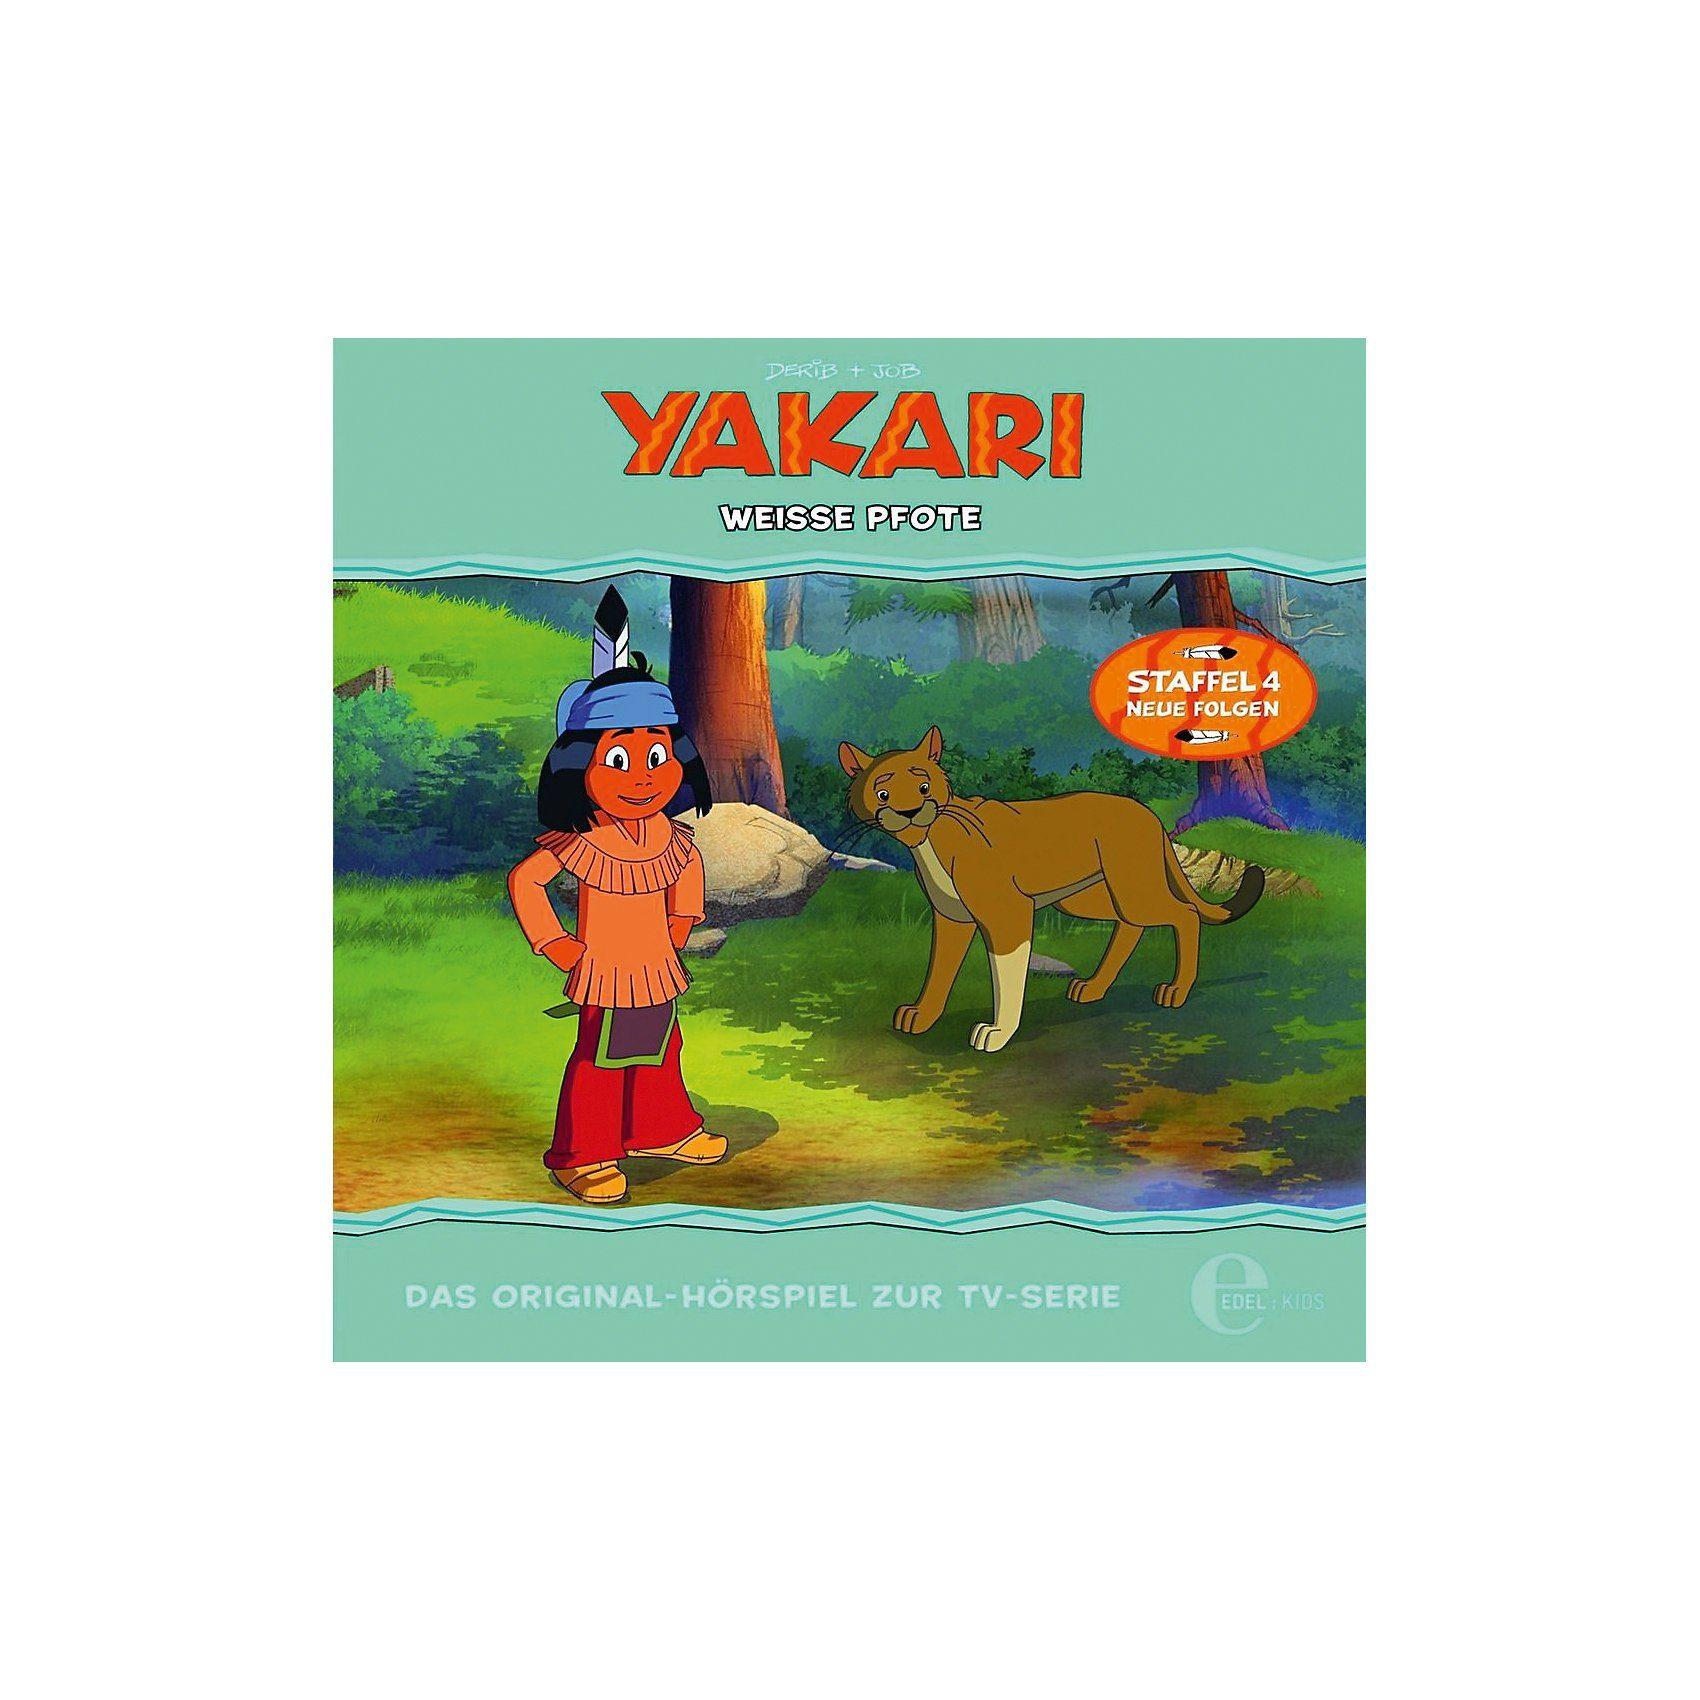 Edel CD Yakari 31 - Weiße Pfote